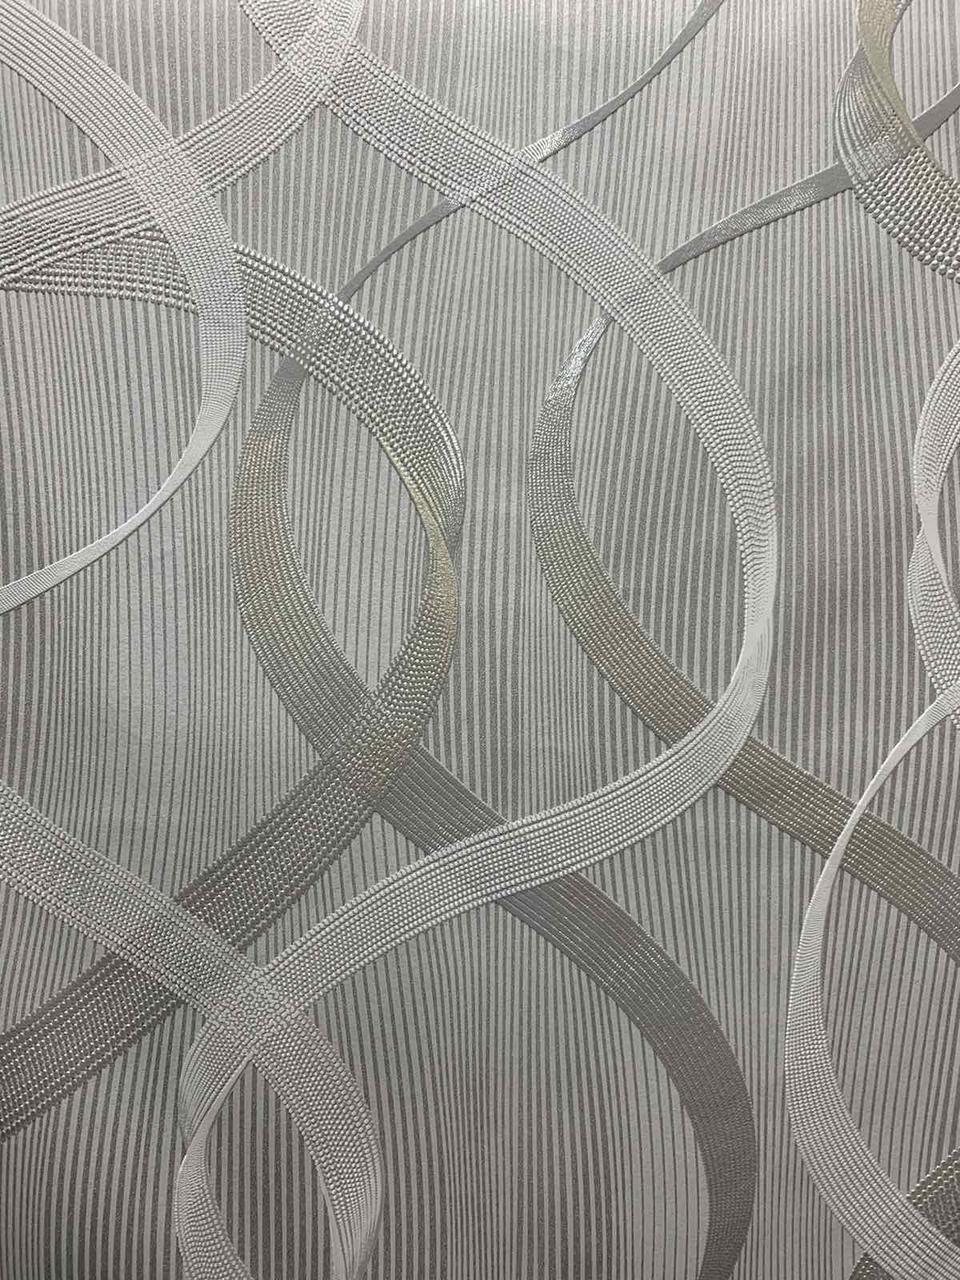 Обои на флизелиновой основе Винил Шлейф  DXC 1458/5  1.06*10.05м